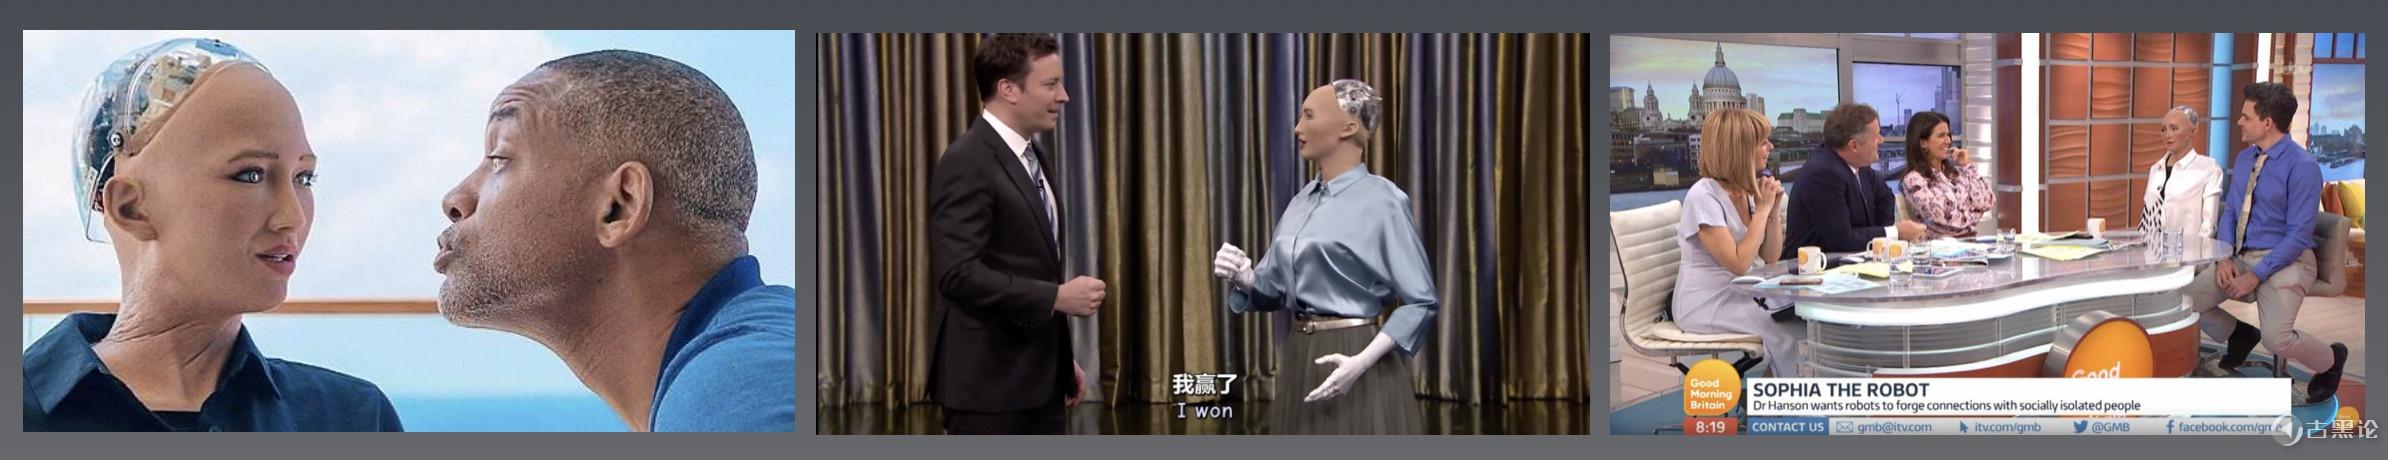 """为什么现在的AI都像""""人工智障""""?【上】 2.jpg"""